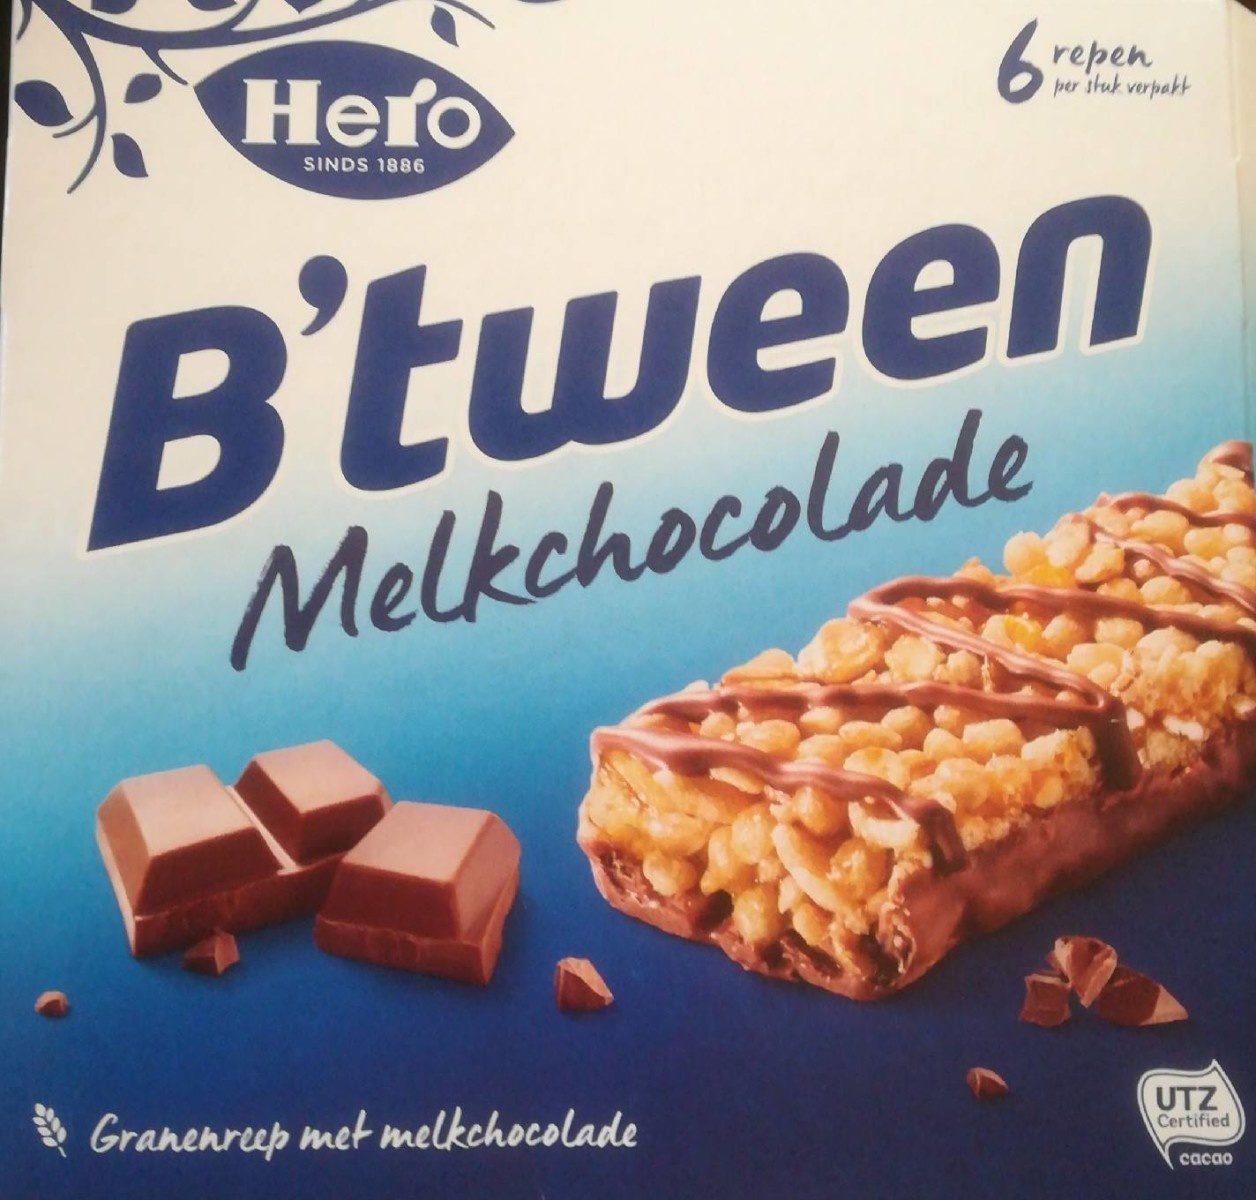 B'tween melkchocolade - Product - nl